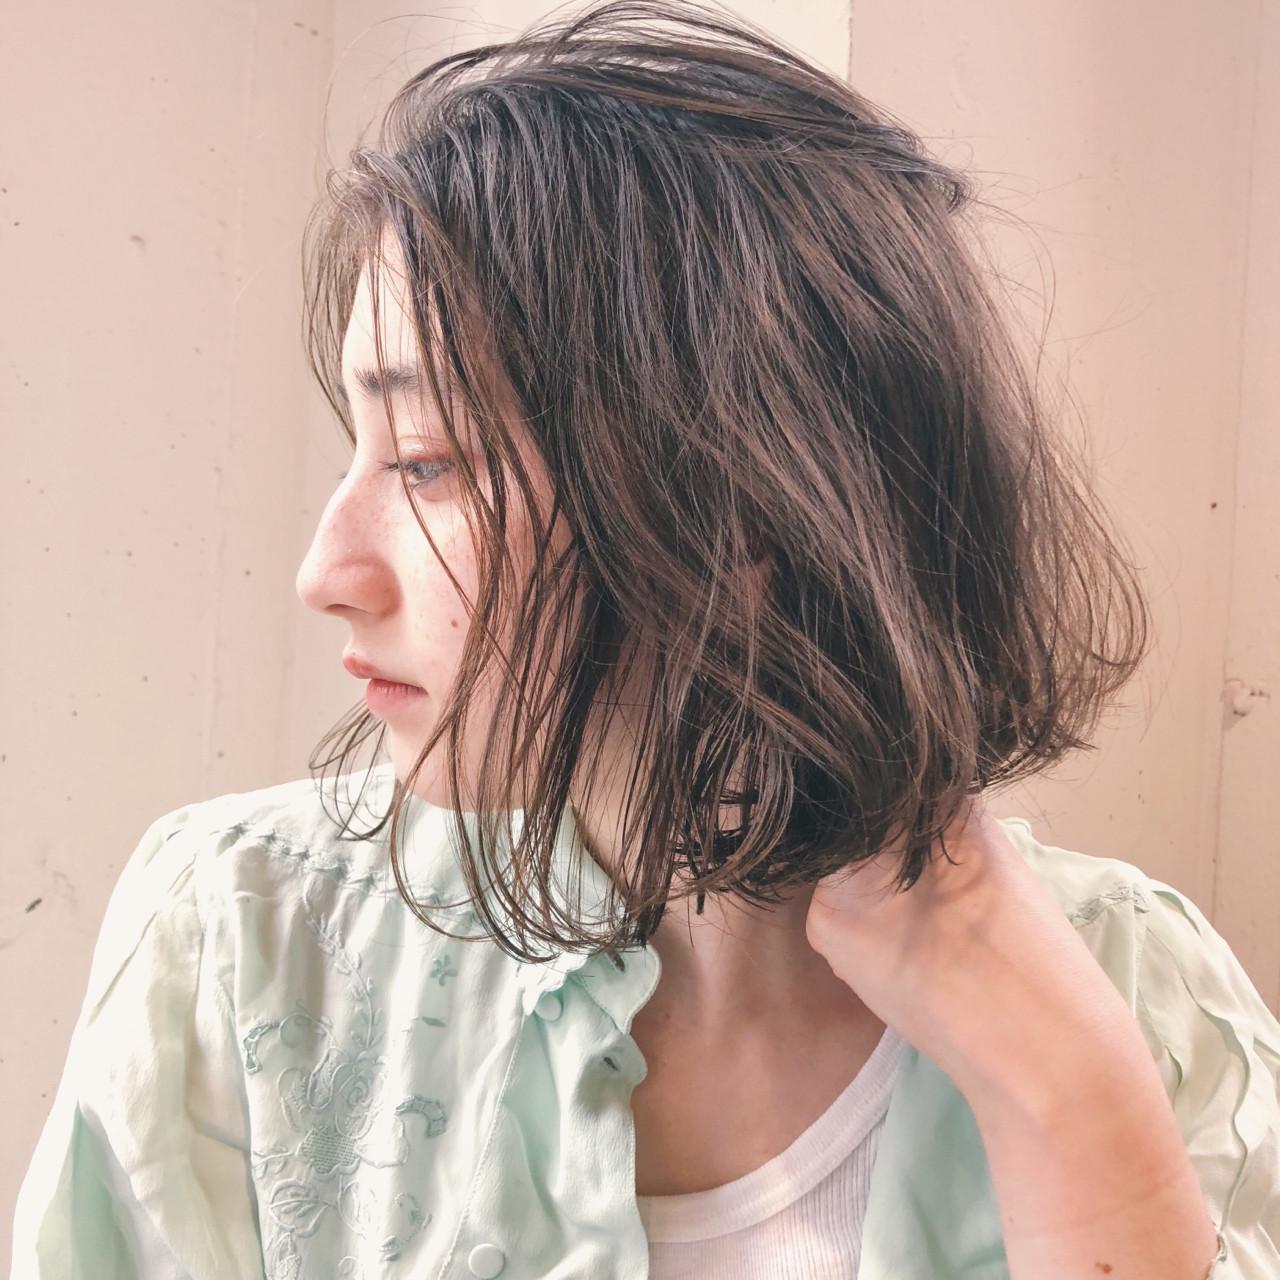 デート 前髪あり パーティ ヘアアレンジ ヘアスタイルや髪型の写真・画像 | 浜本 忠勝 / whyte